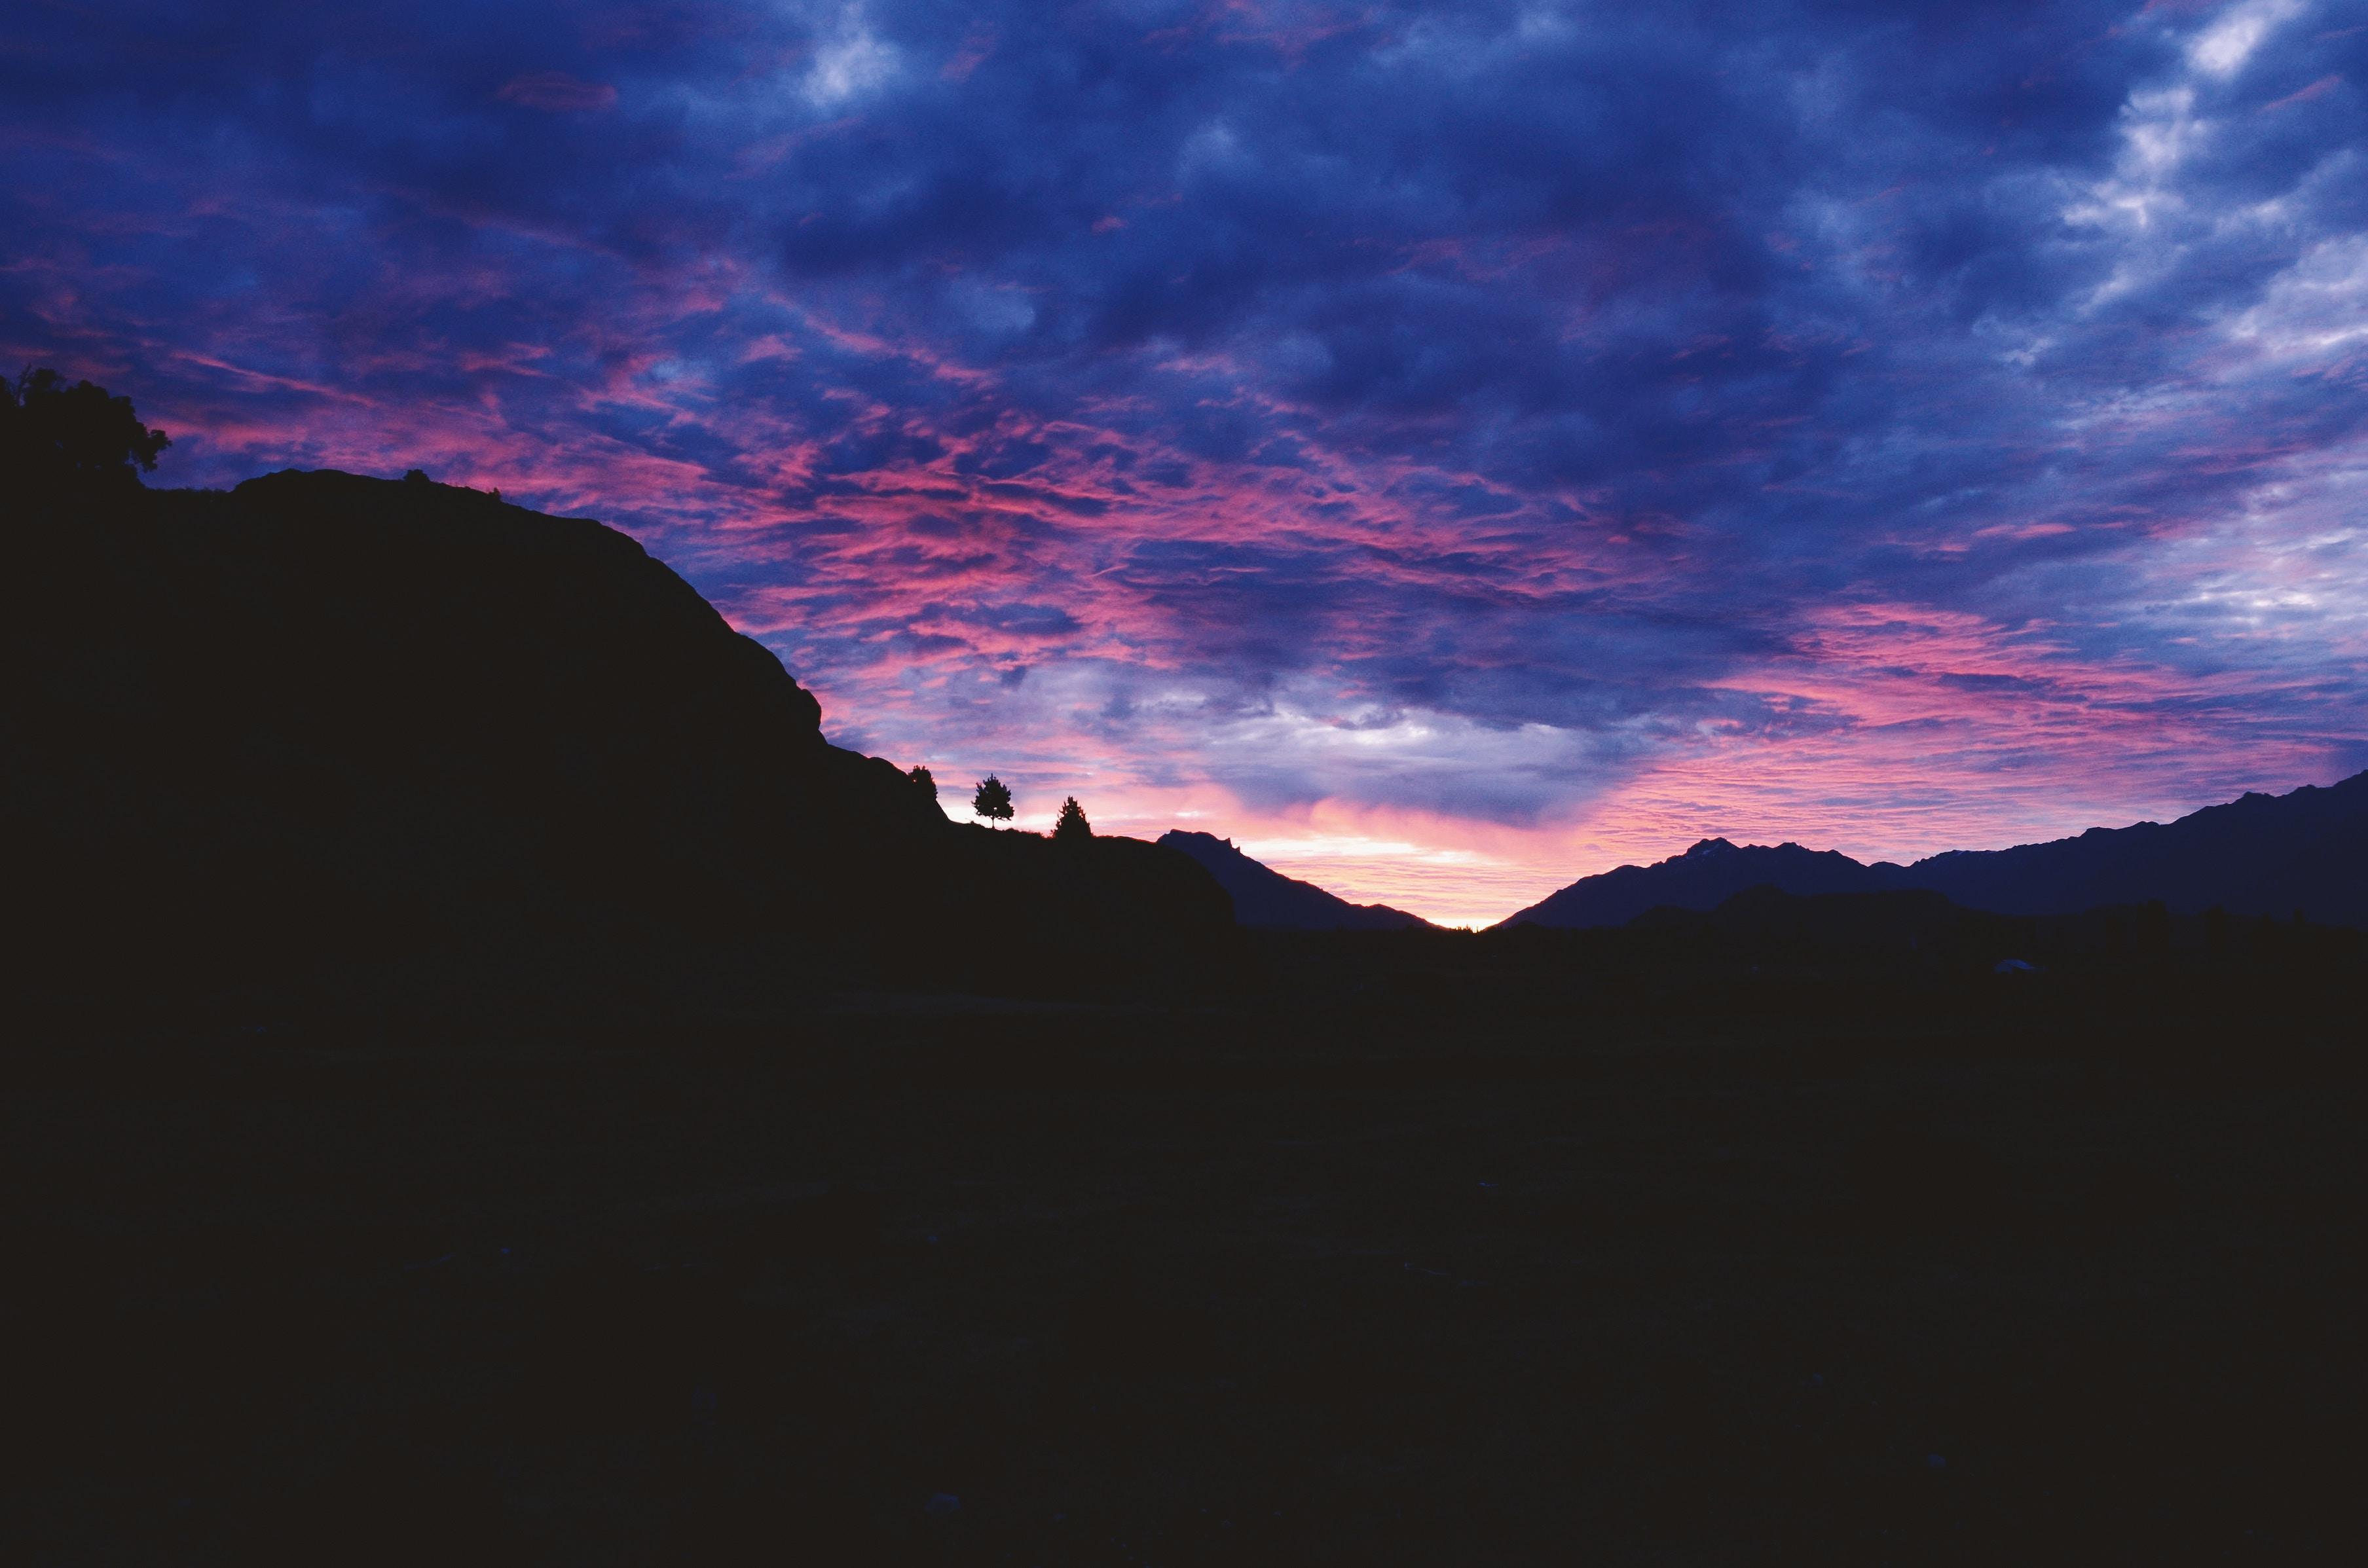 137930 скачать обои Природа, Закат, Небо, Облака, Горы - заставки и картинки бесплатно